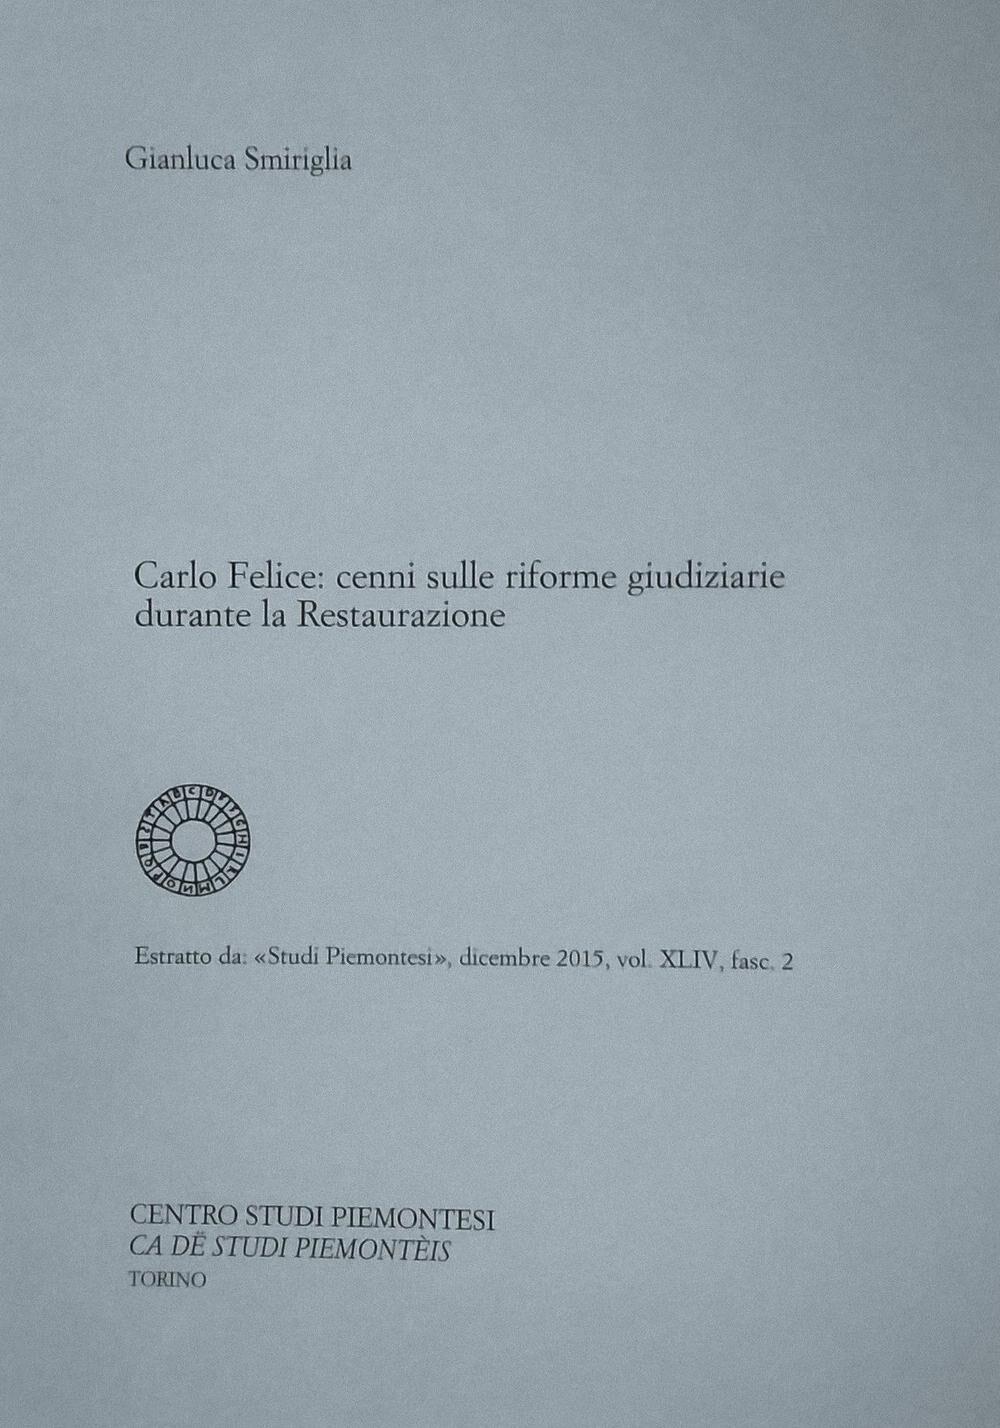 Carlo Felice. Cenni sulle riforme giudiziarie durante la Restaurazione